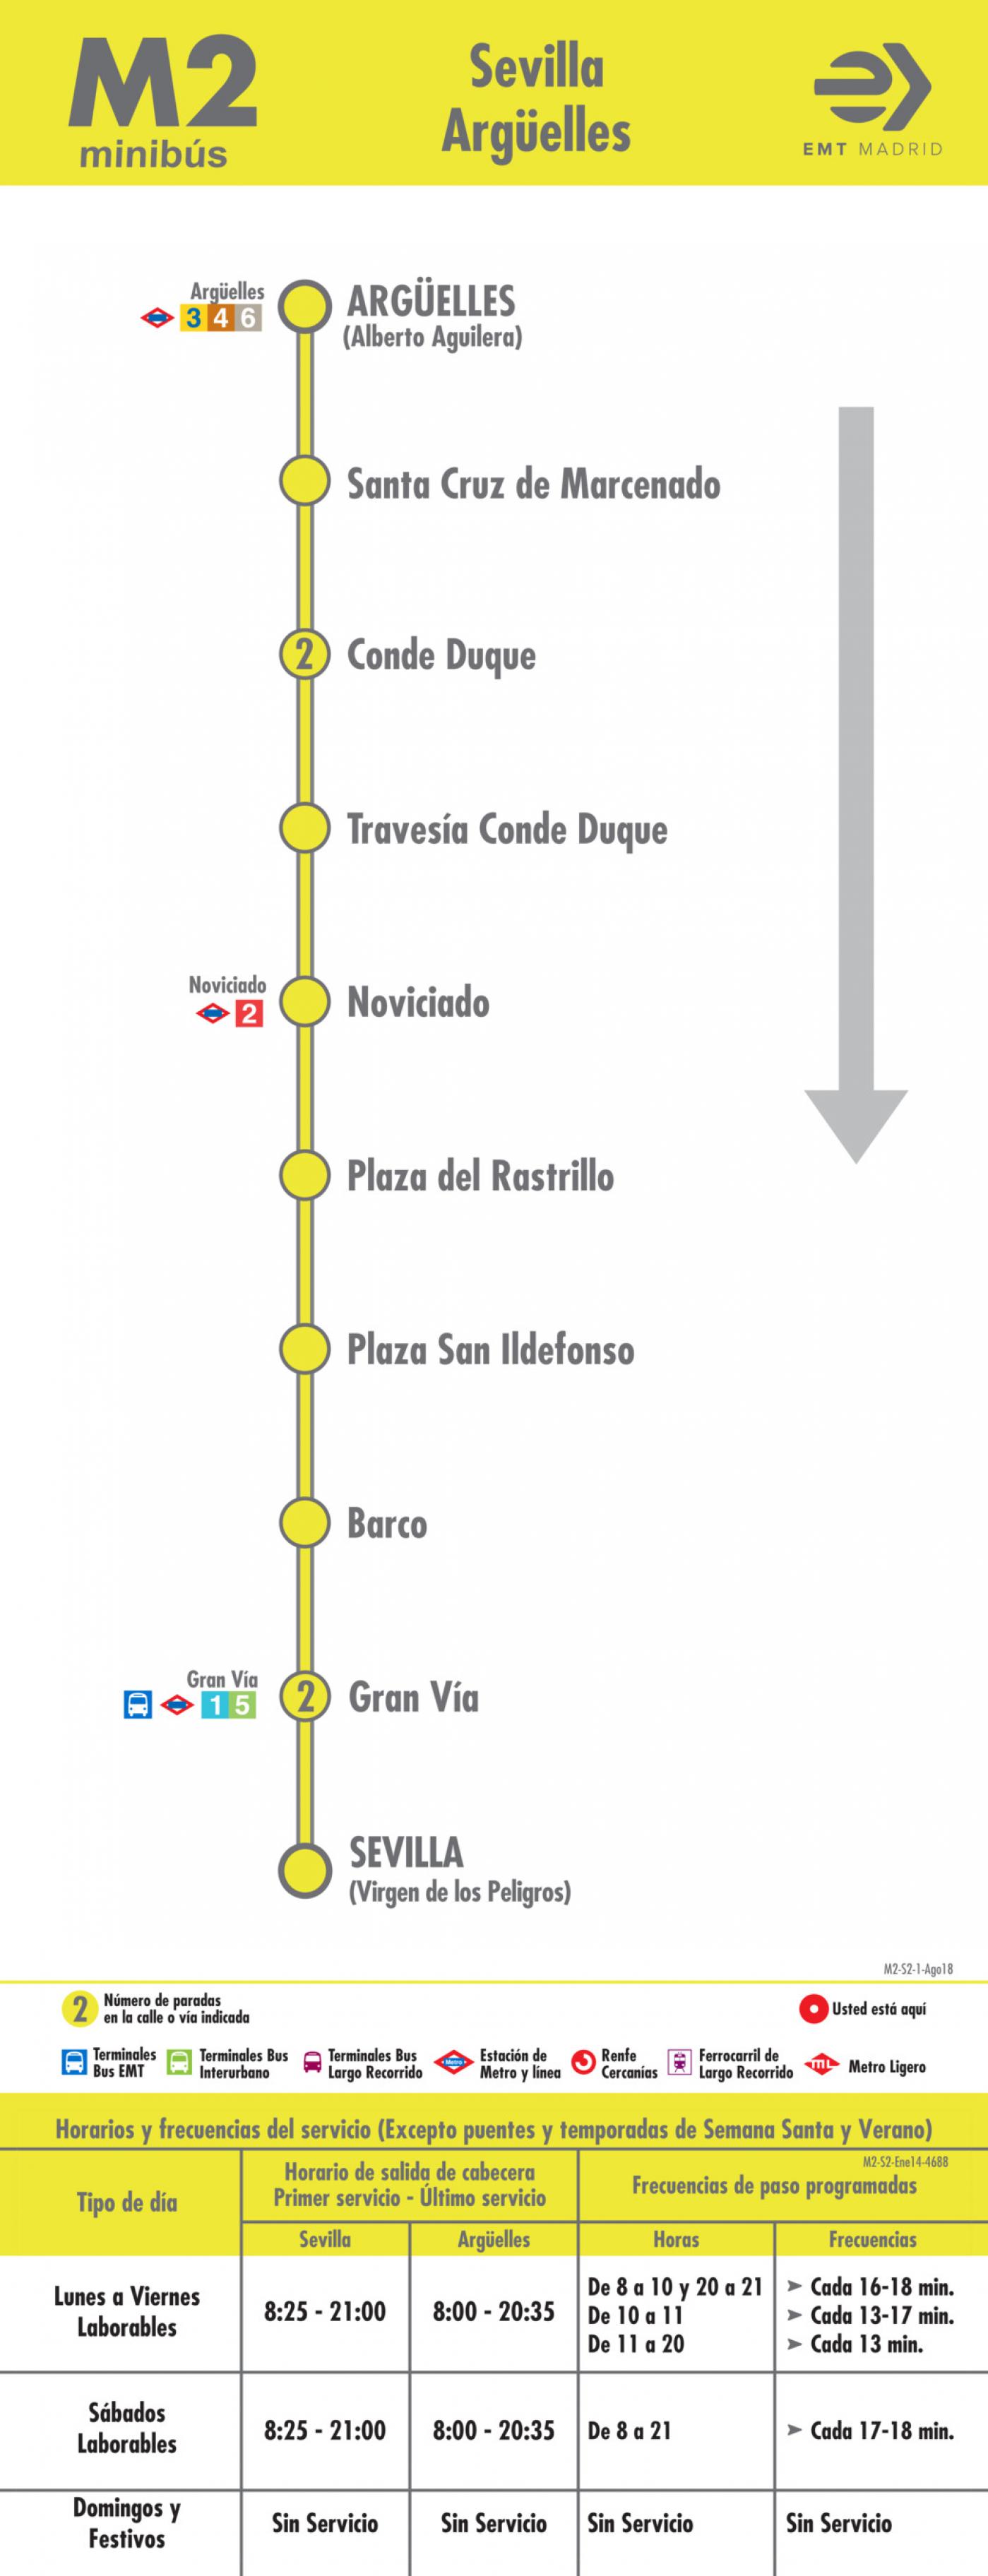 Tabla de horarios y frecuencias de paso en sentido vuelta Línea M2: Sevilla - Argüelles